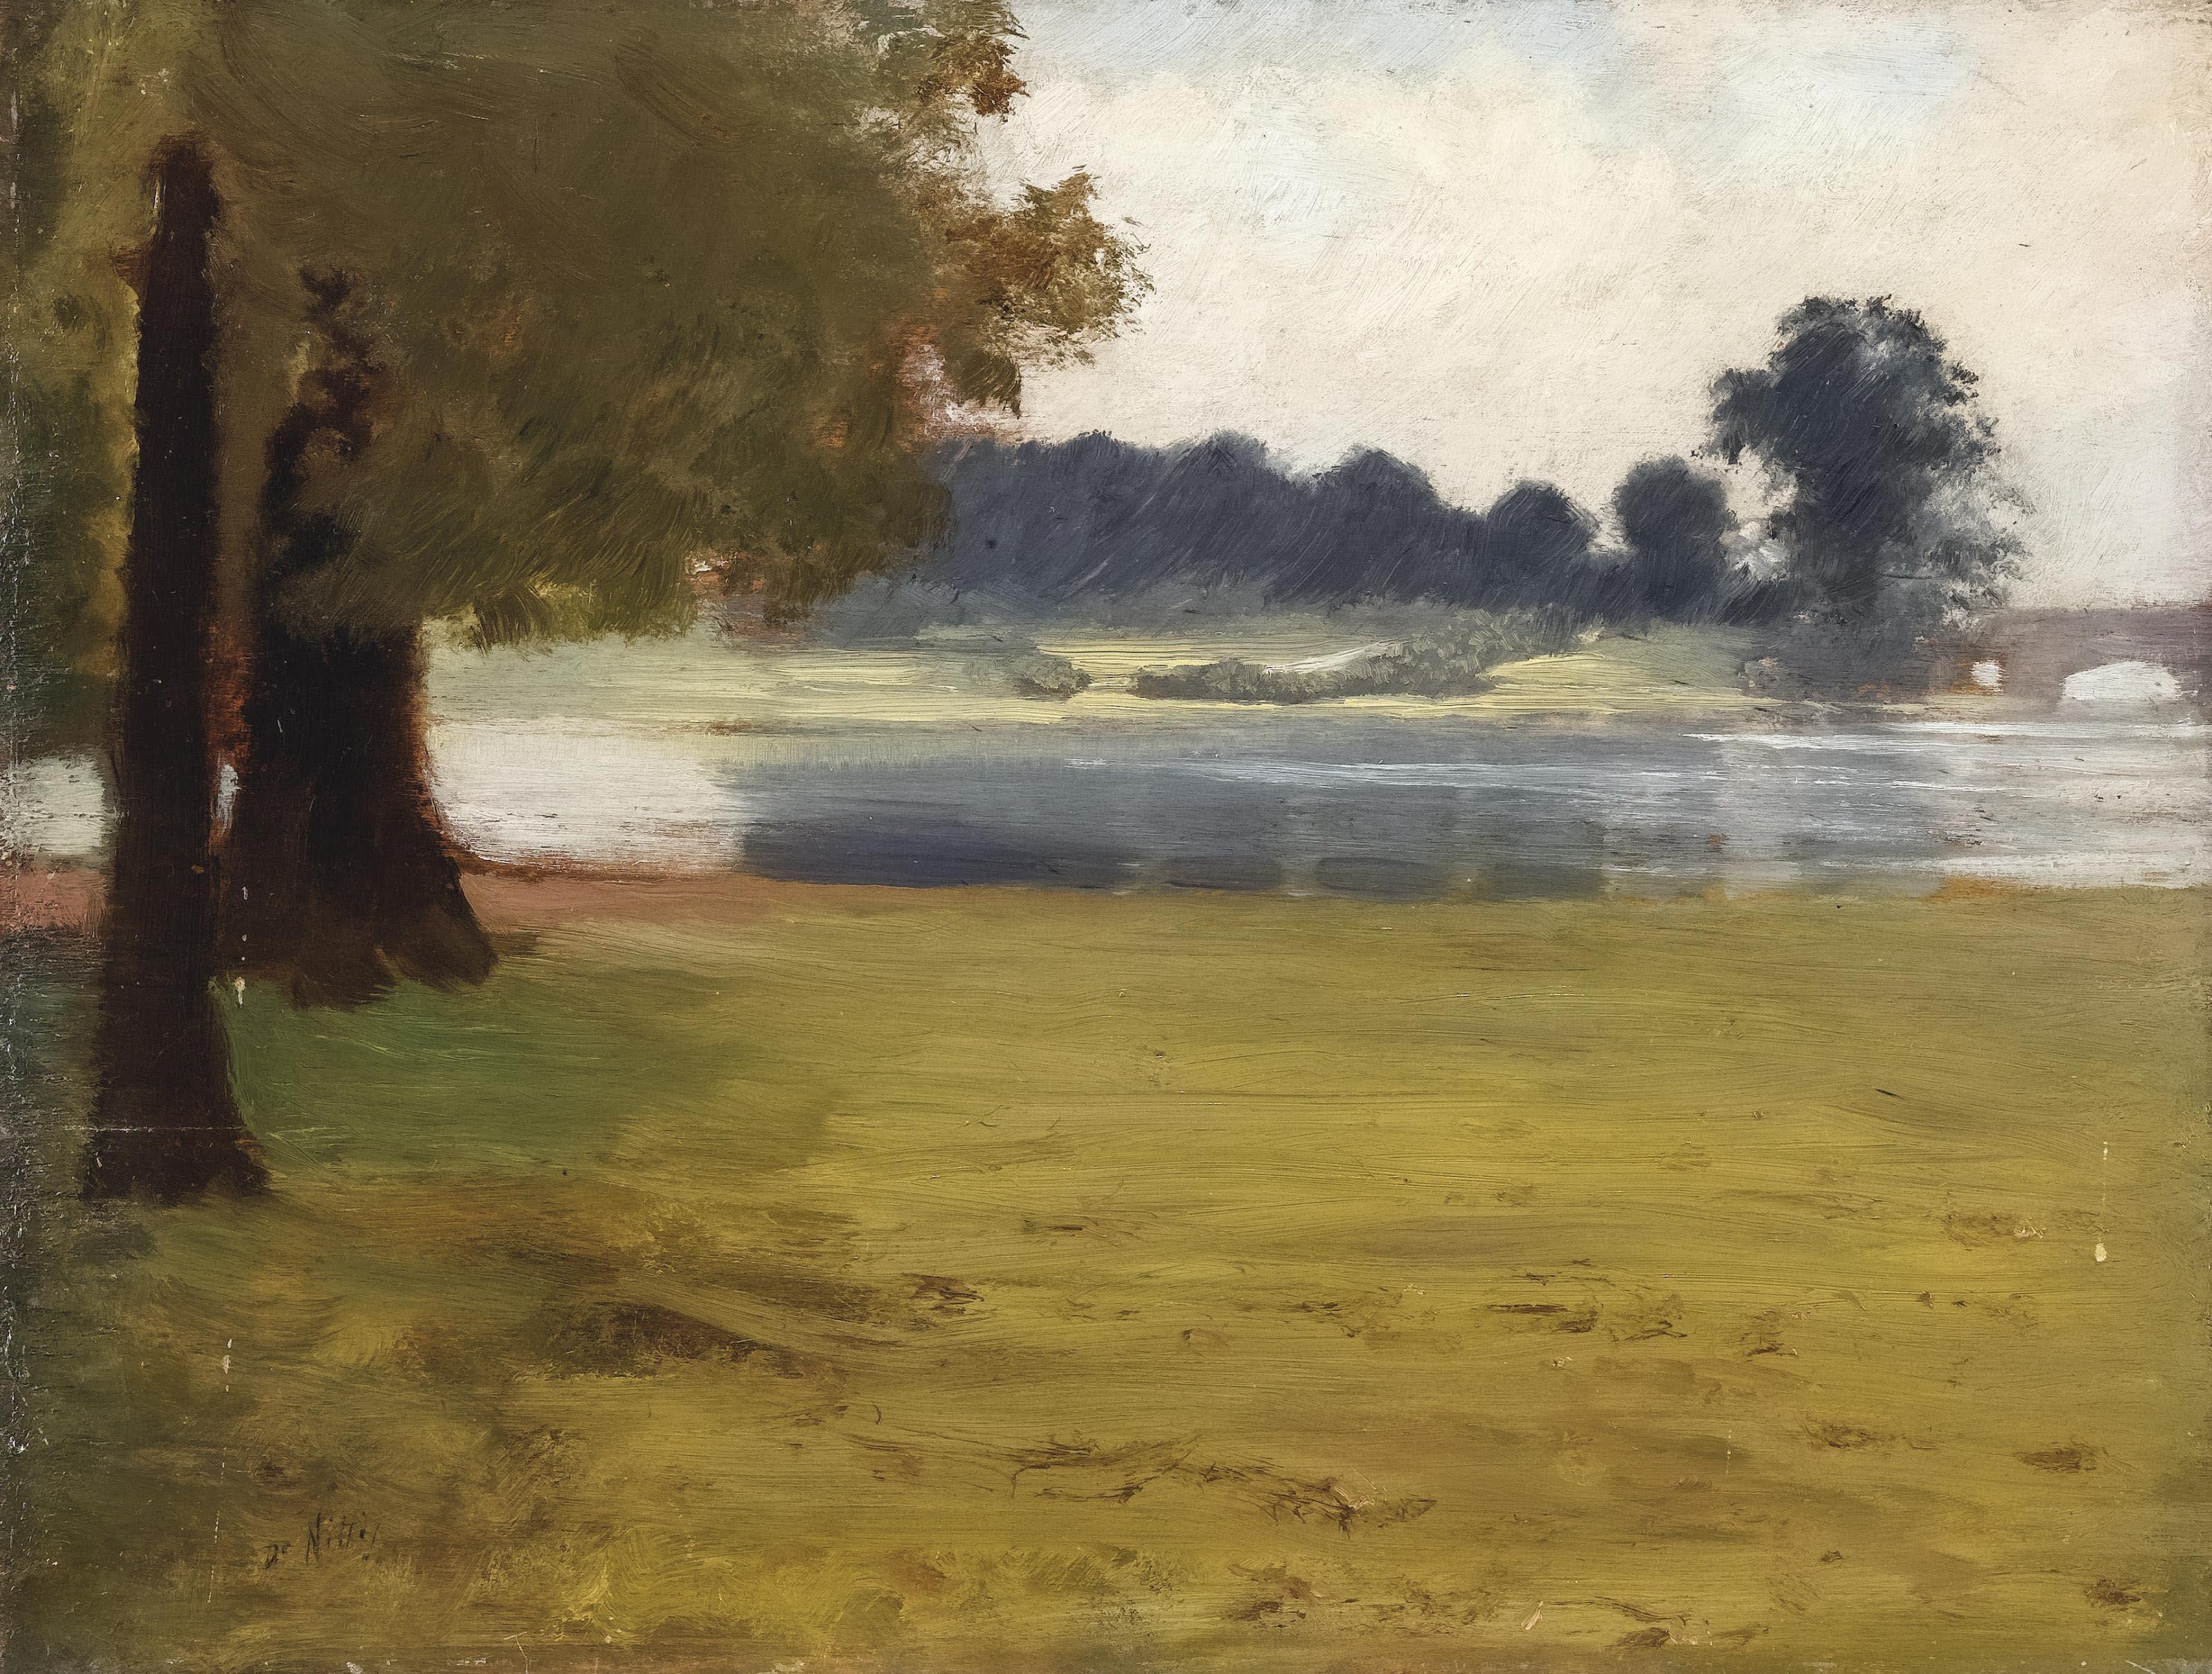 Paesaggio inglese